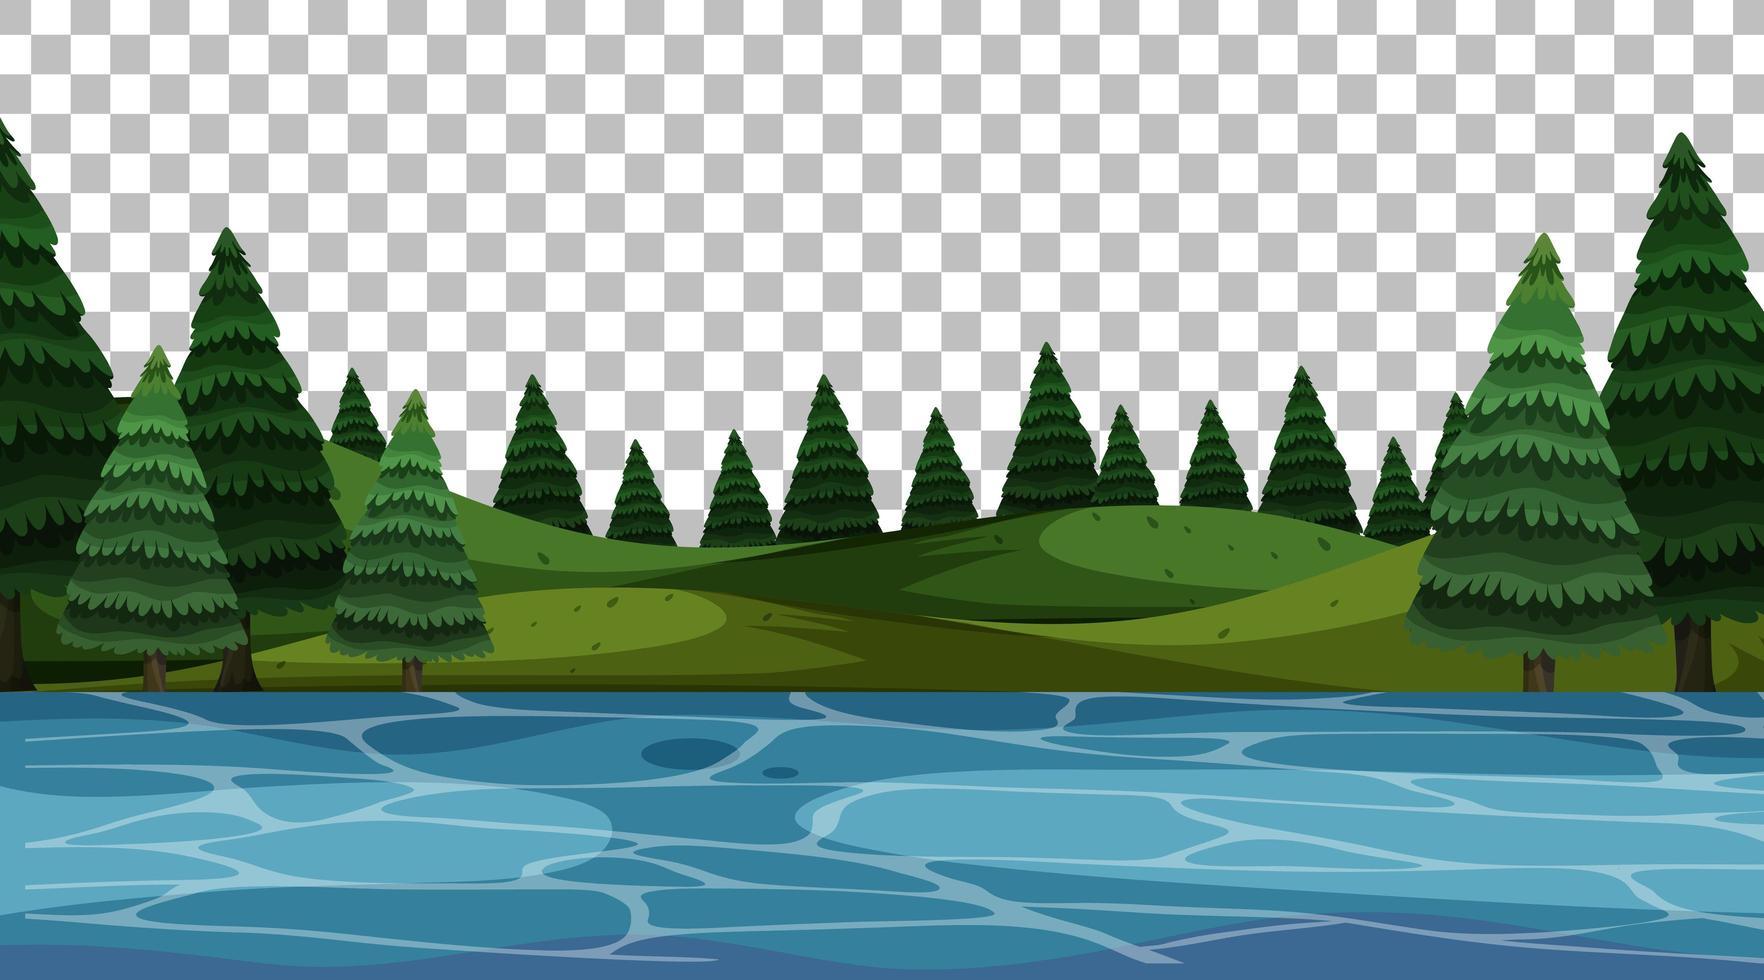 scena del paesaggio del parco naturale vettore